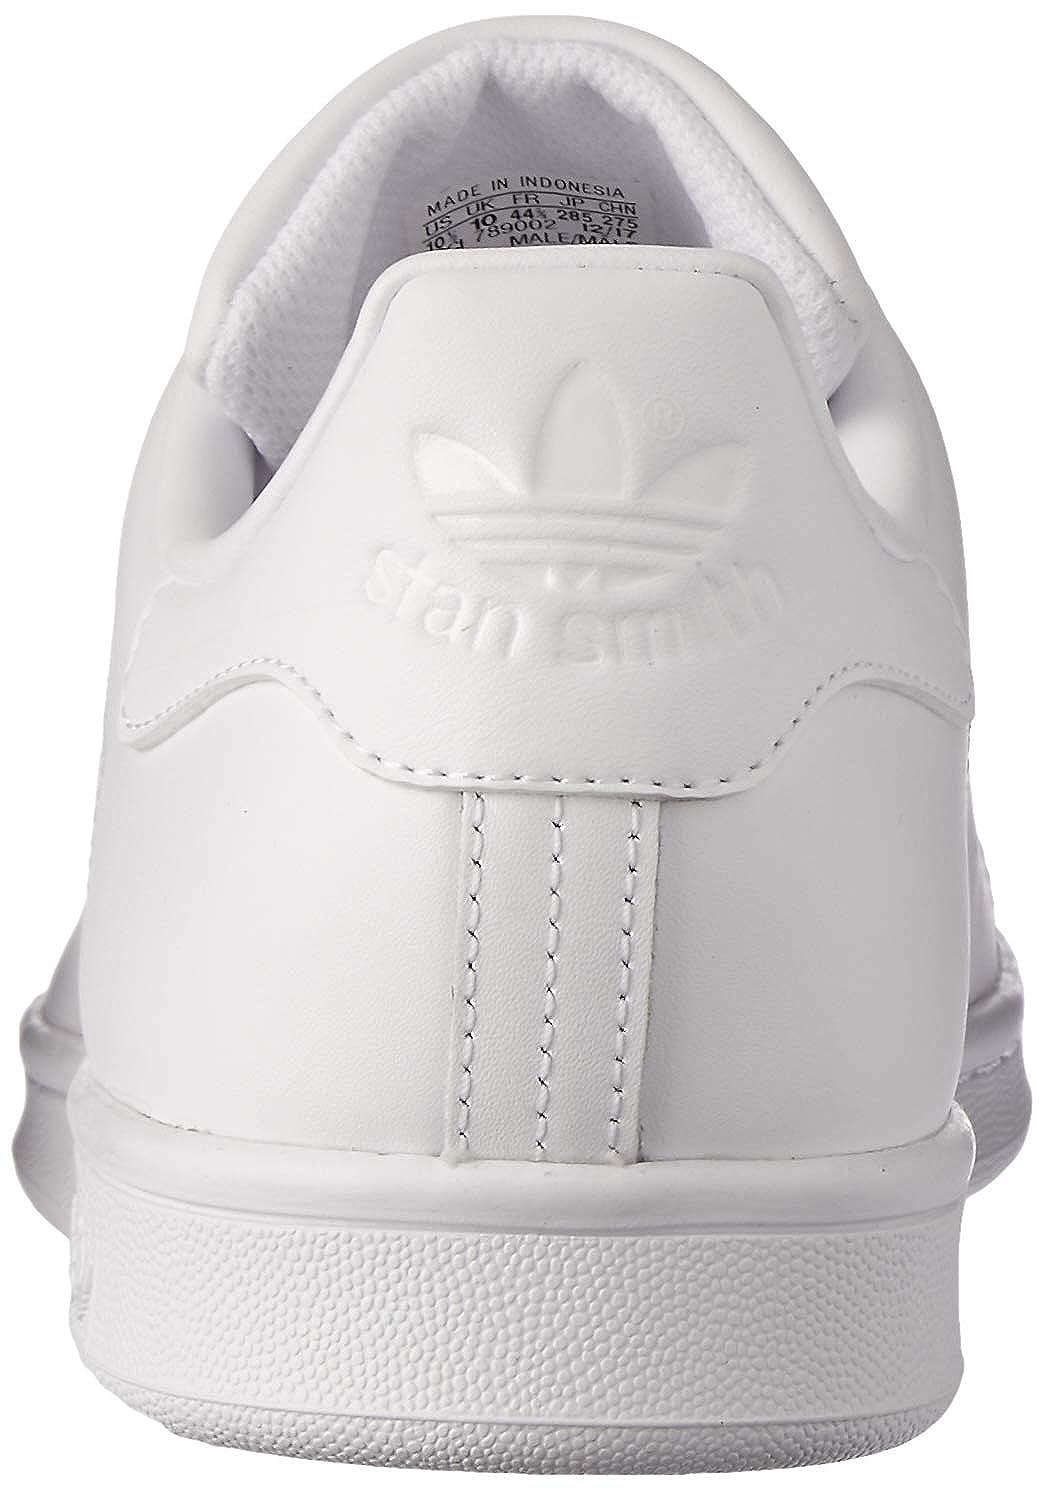 adidas Damen Stan Smith Tennisschuhe Rot Weiß (Ftwr White/Ftwr White/Ftwr White)